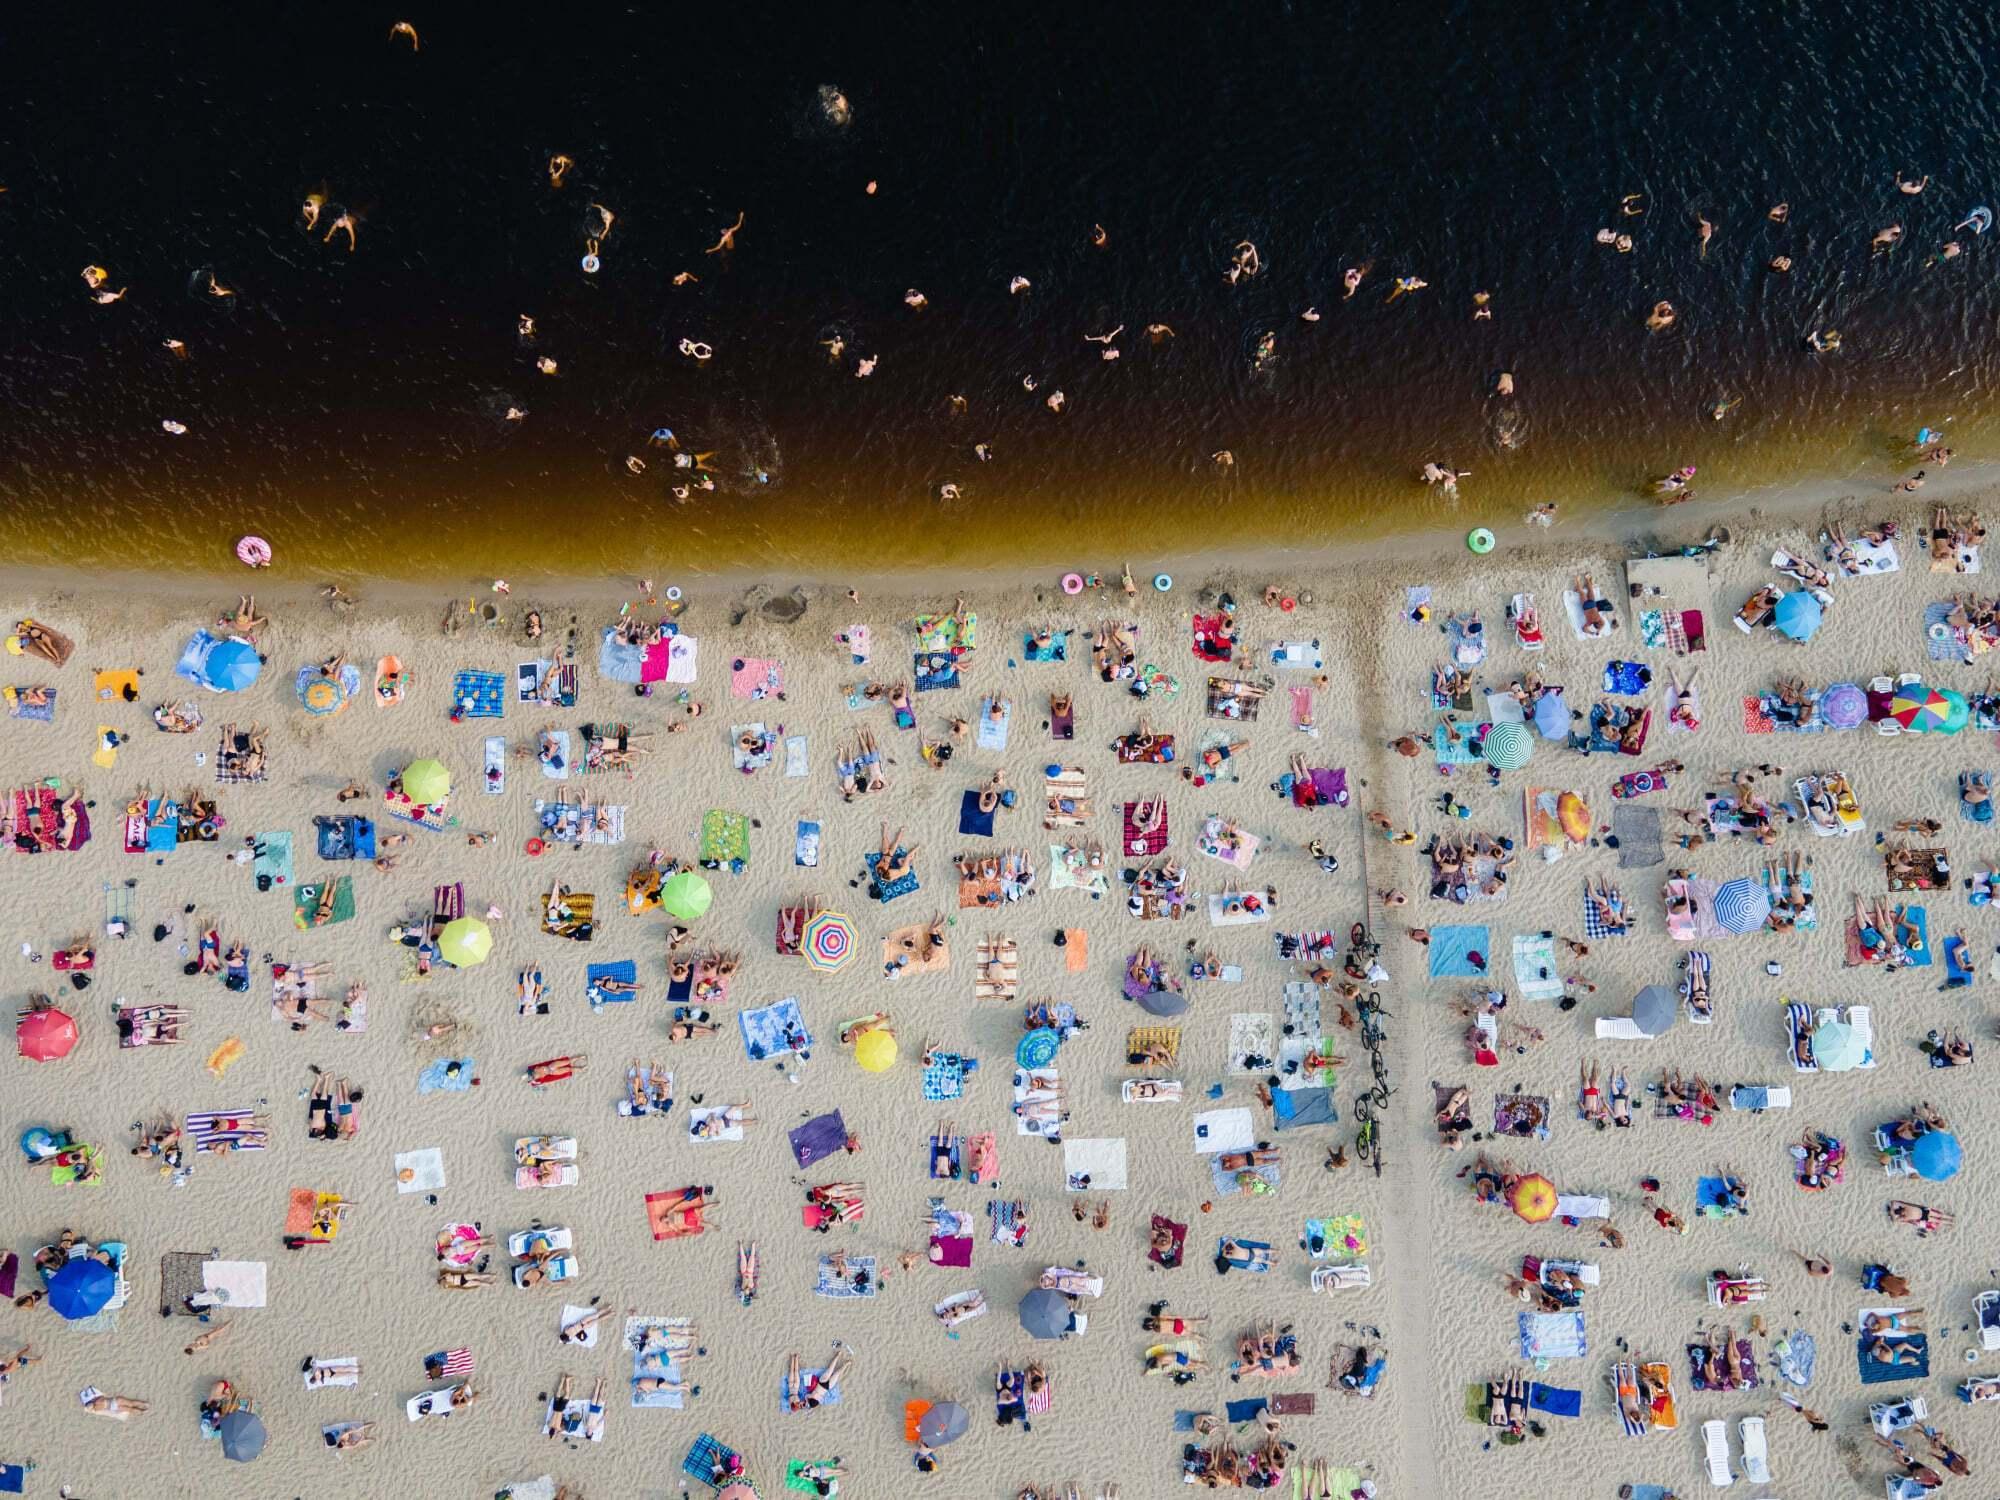 Пользователи активно обсуждали цвет воды.